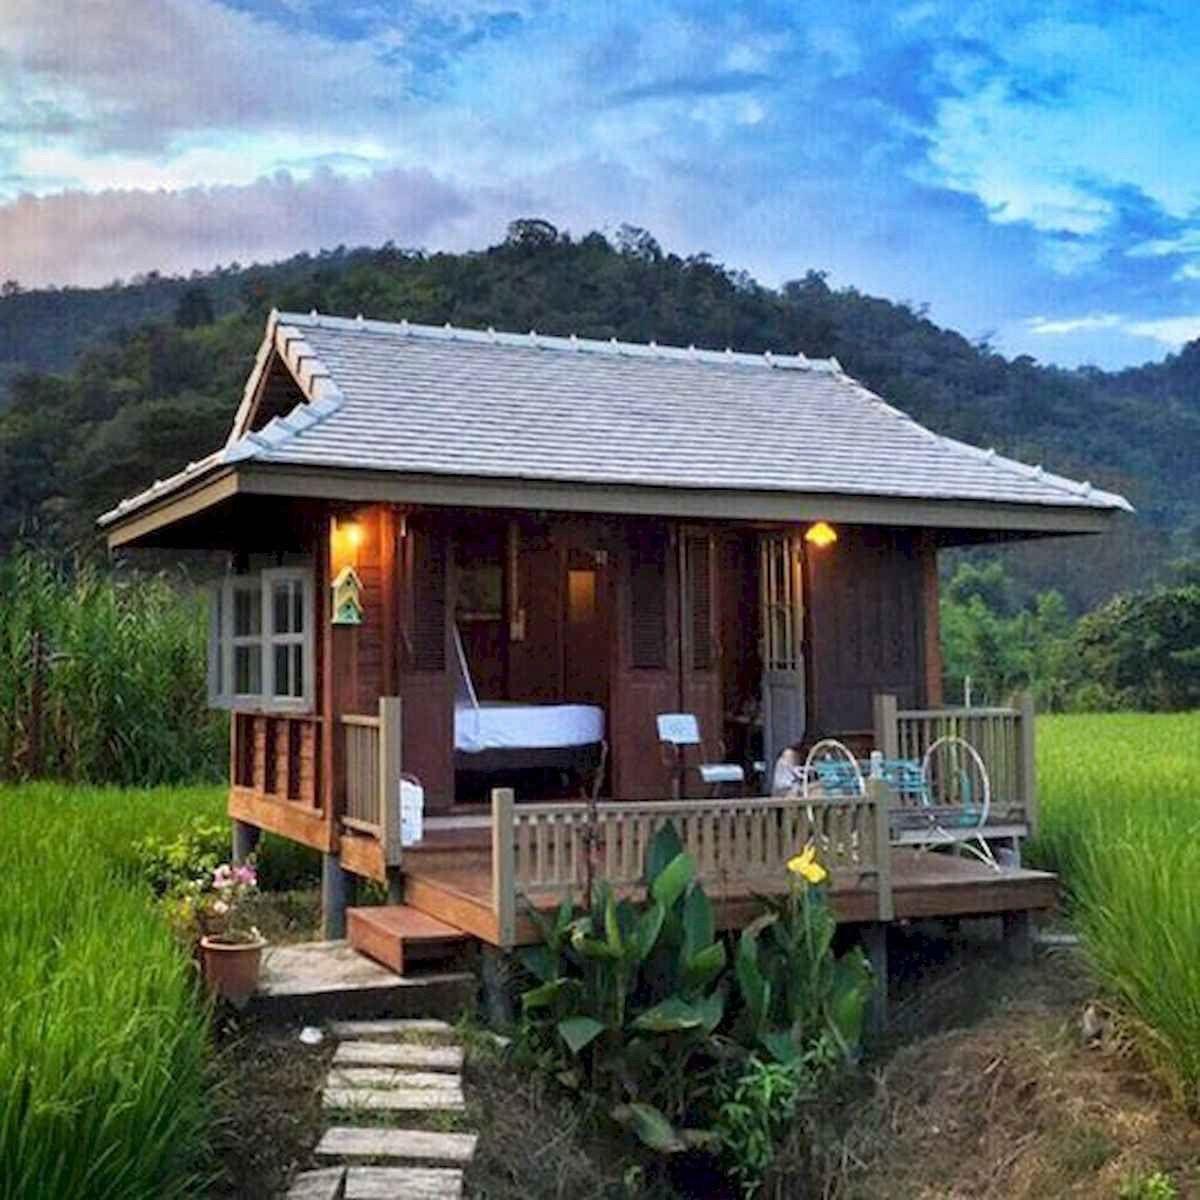 Small Cabin Design Ideas: 63 Favourite Small Log Cabin Homes Design Ideas